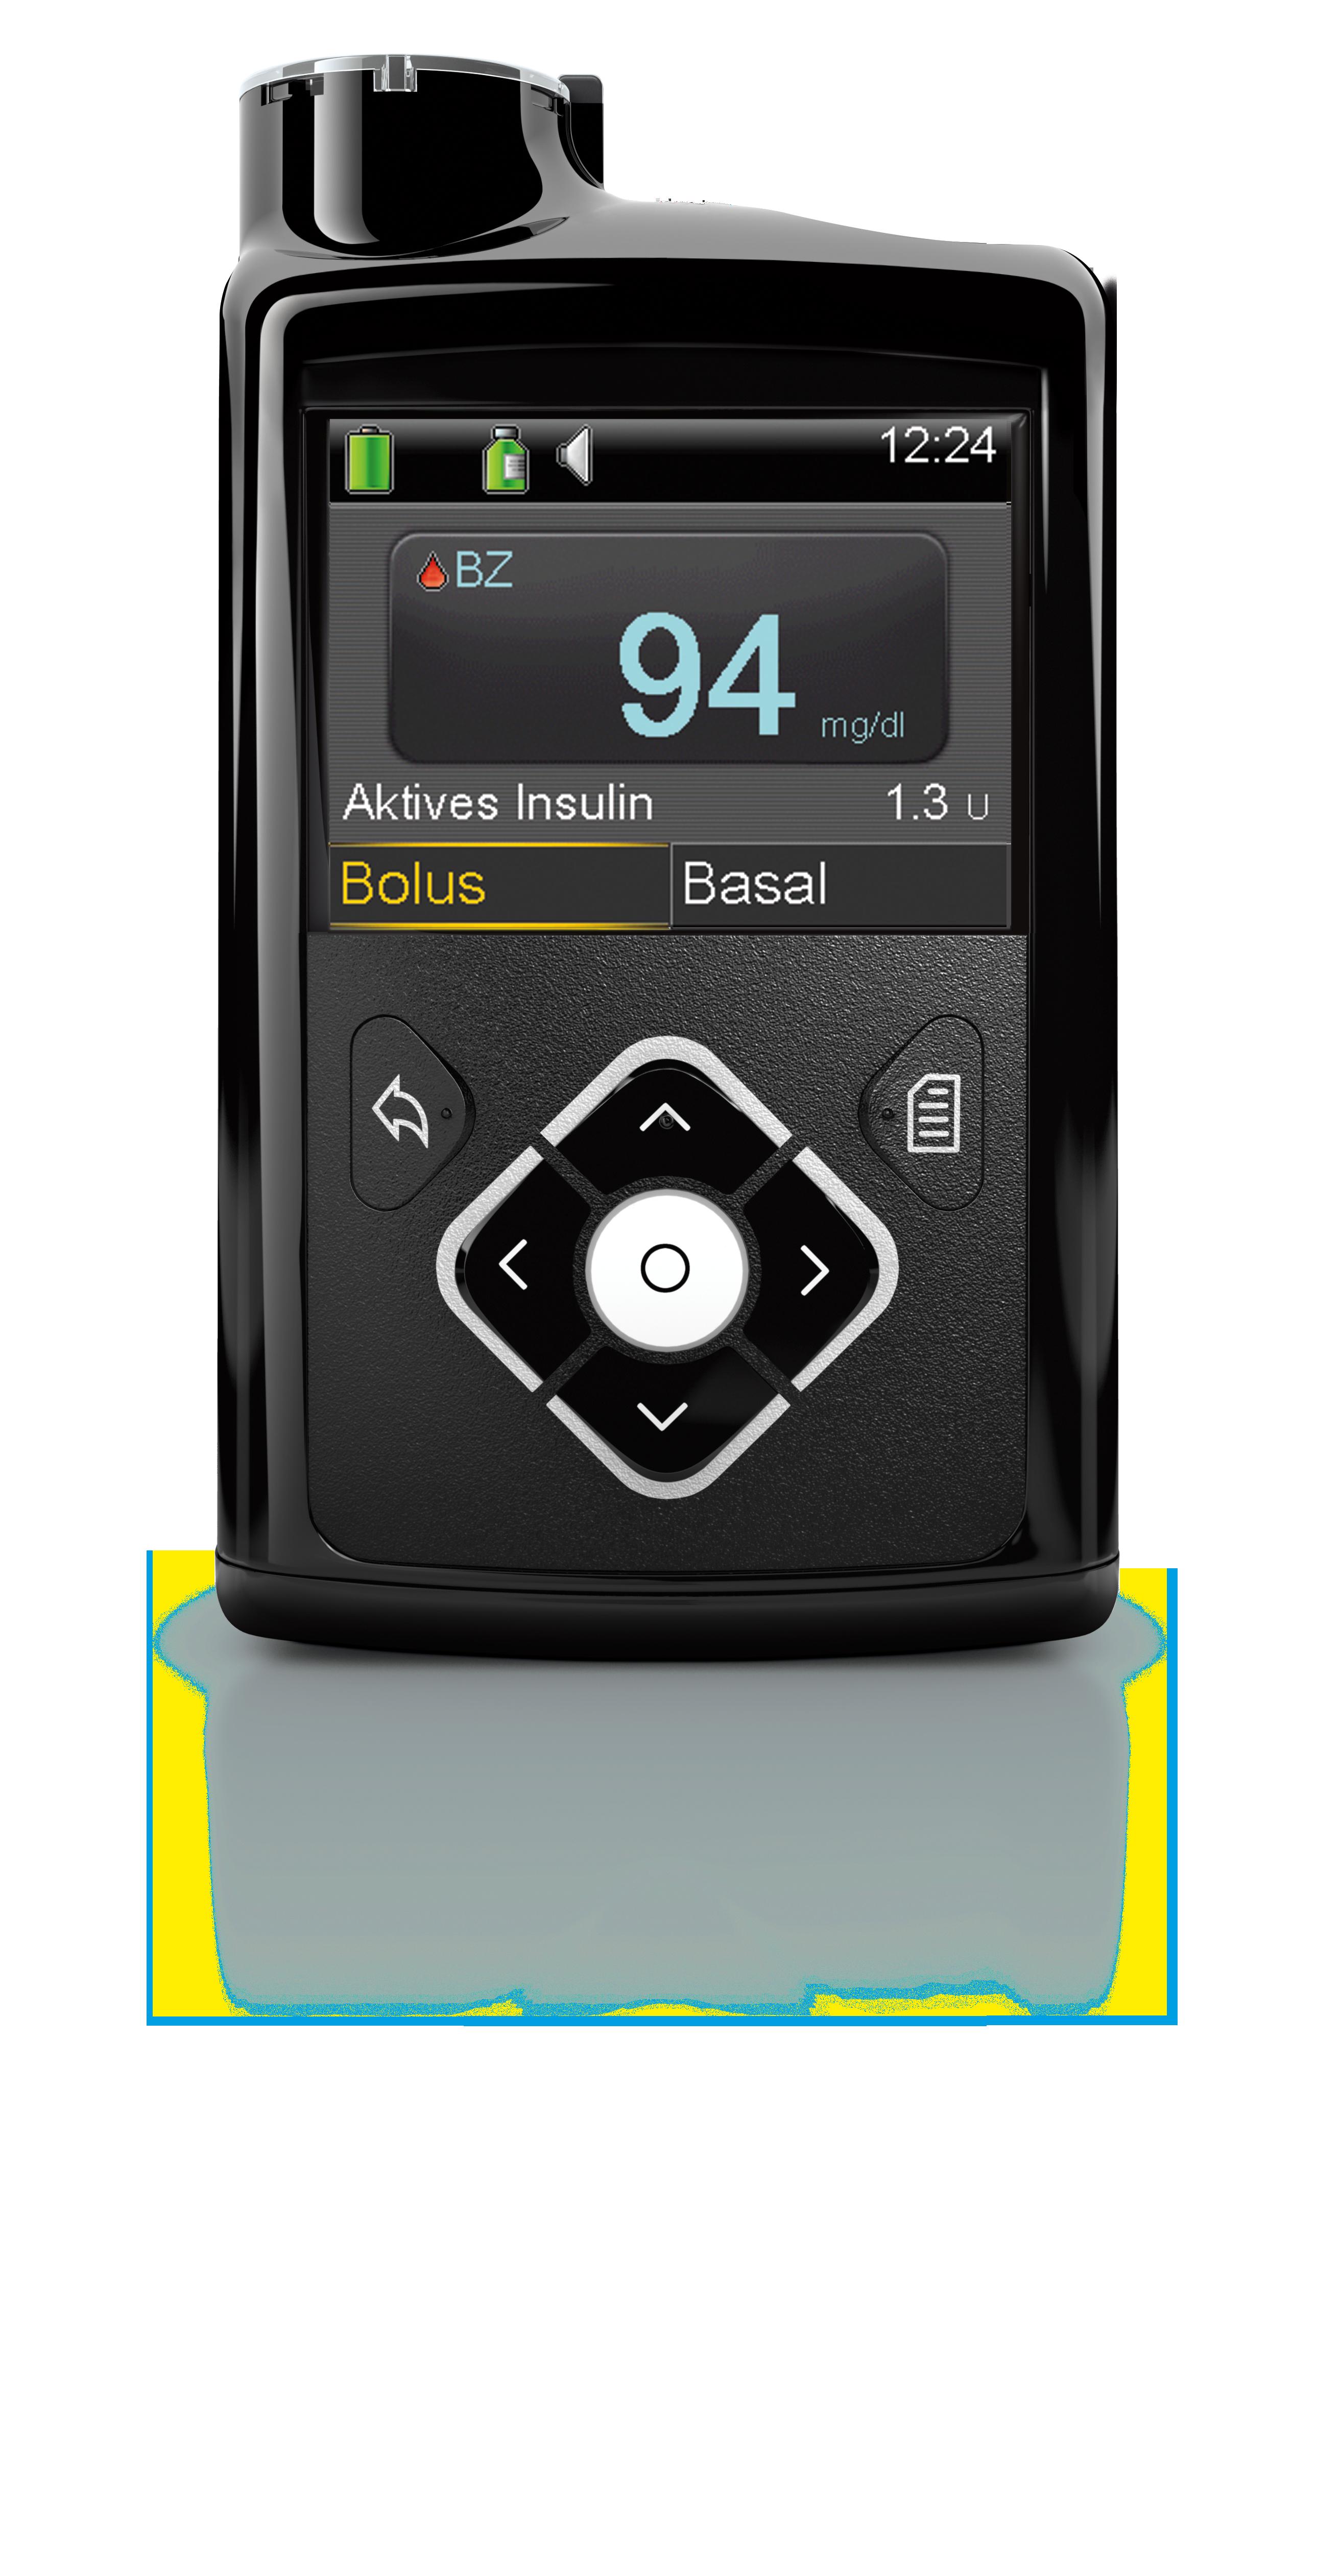 Medtronic MiniMed 640G mmol/l